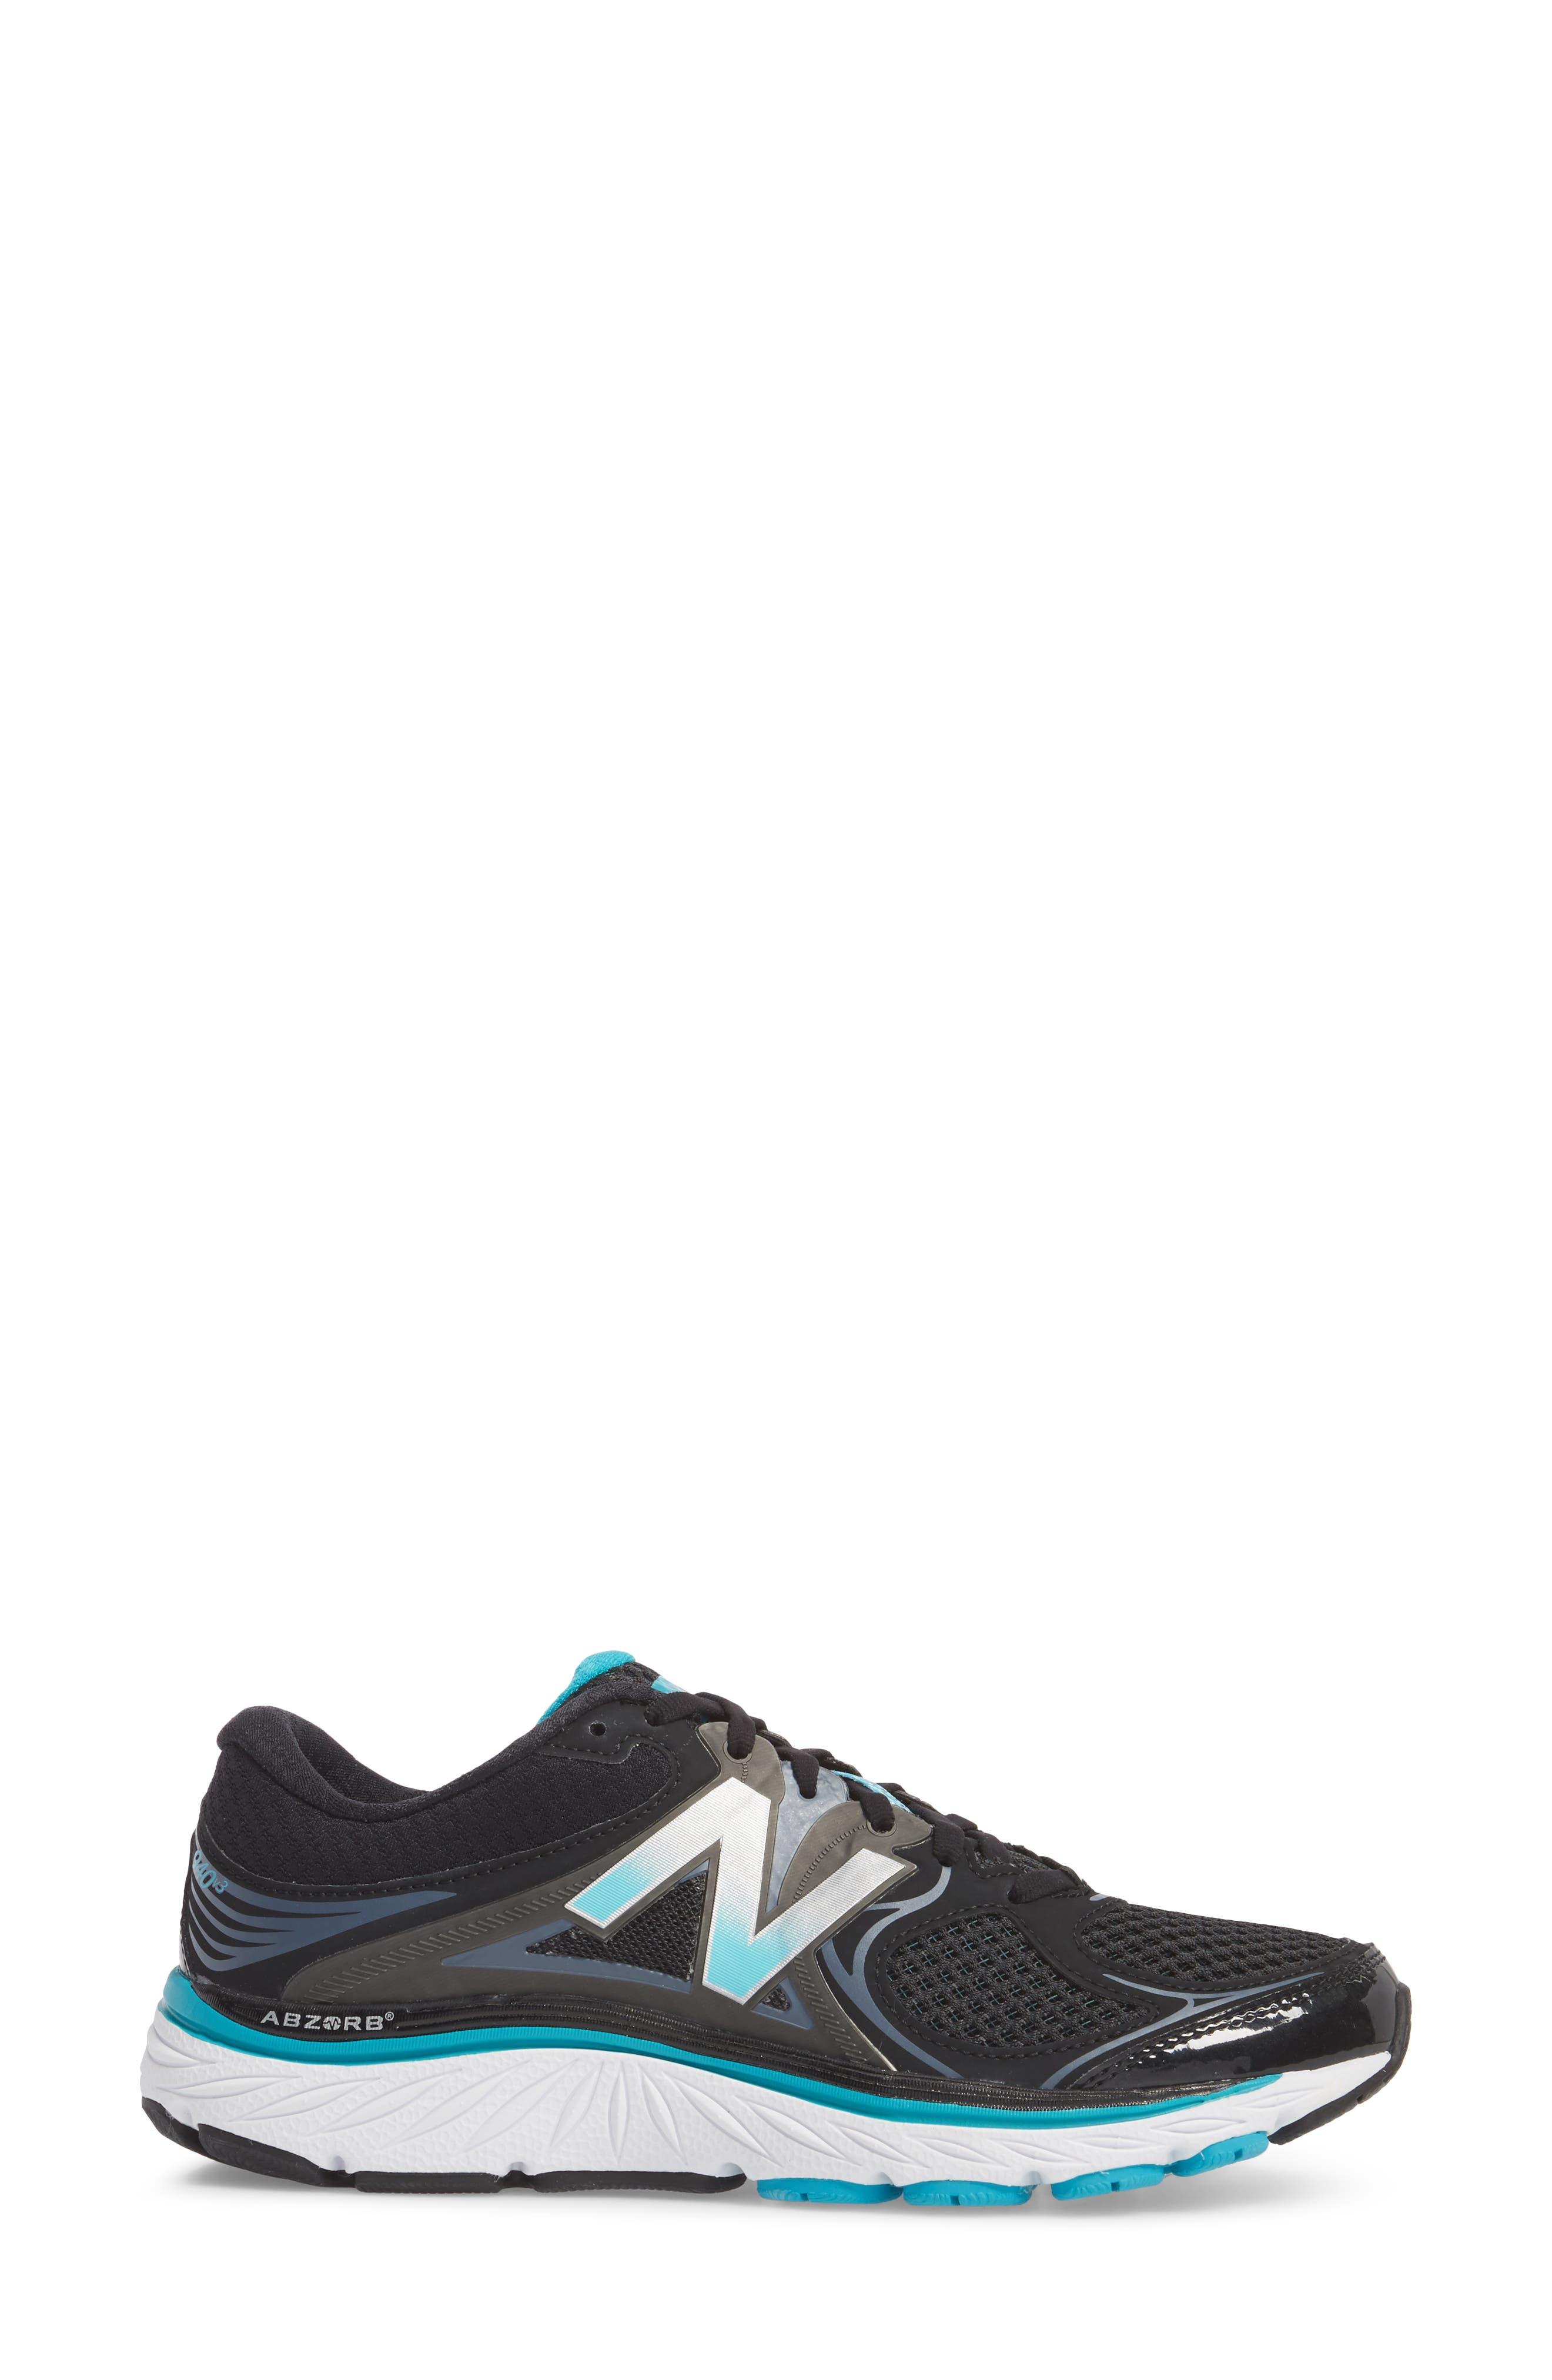 940v3 Running Shoe,                             Alternate thumbnail 3, color,                             BLACK/ BLUE